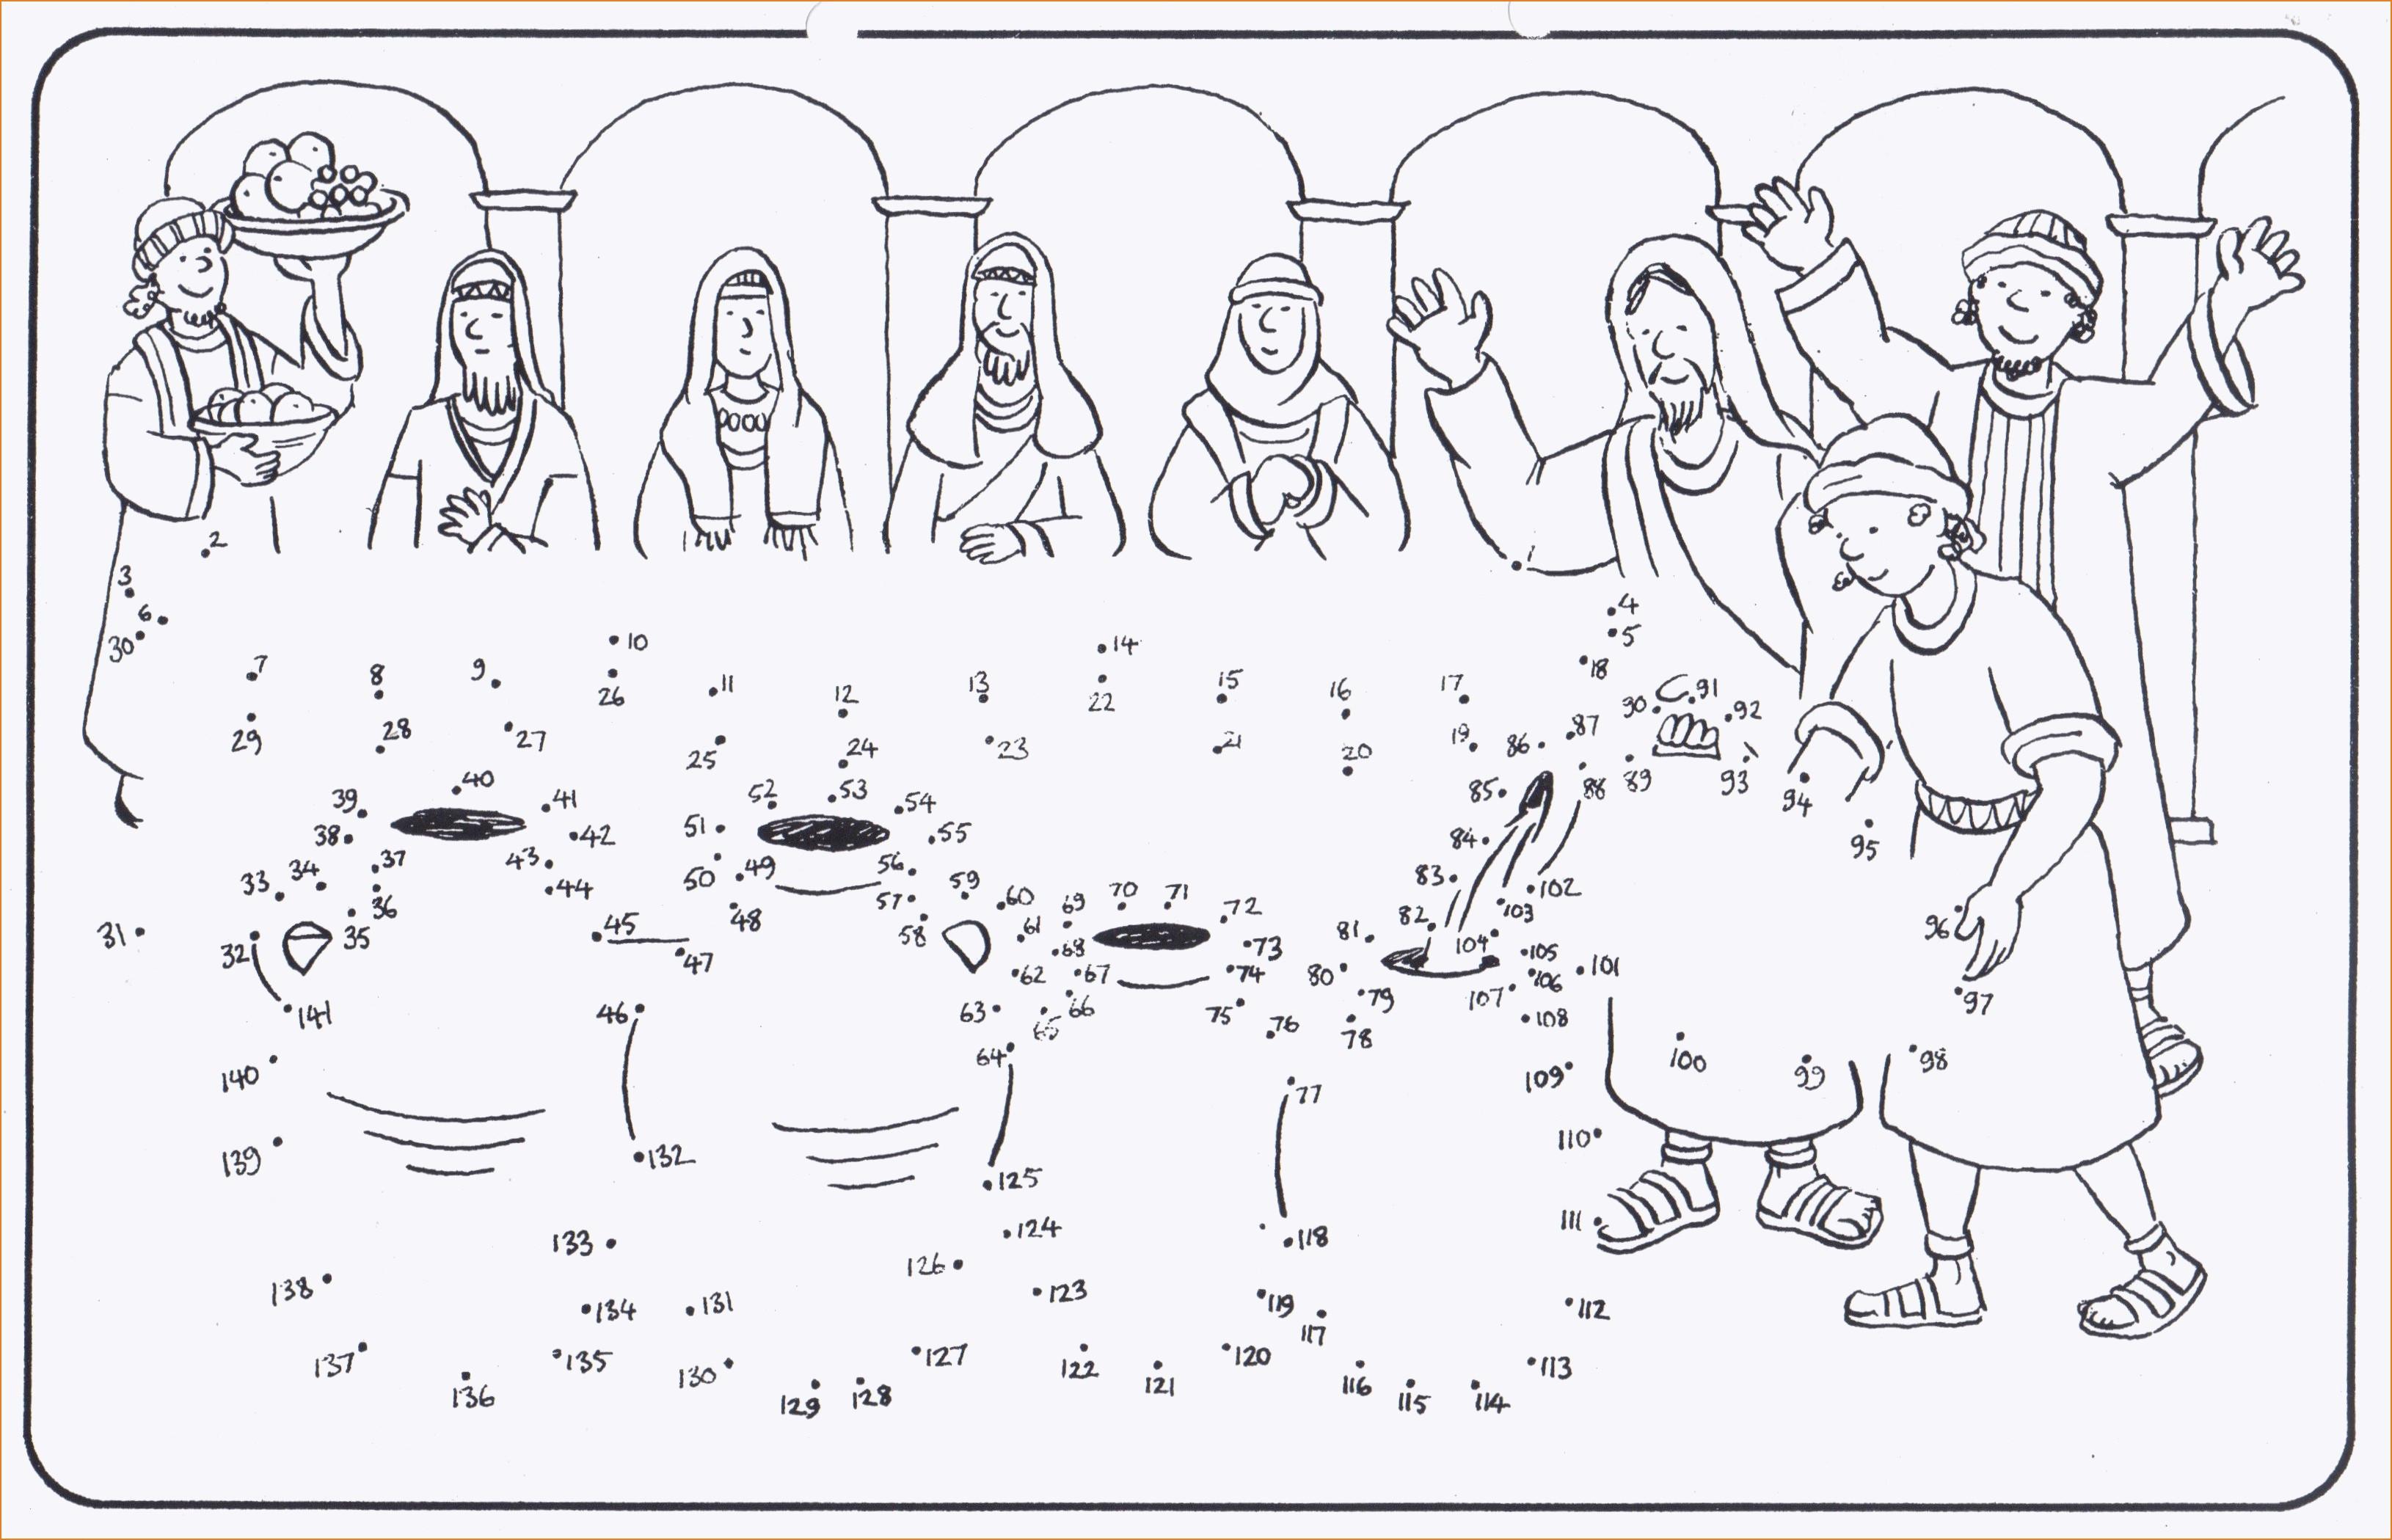 Ausmalbilder Weihnachten Christlich Einzigartig Christliche Texte Zu Weihnachten Elegant Ausmalbilder Fotos